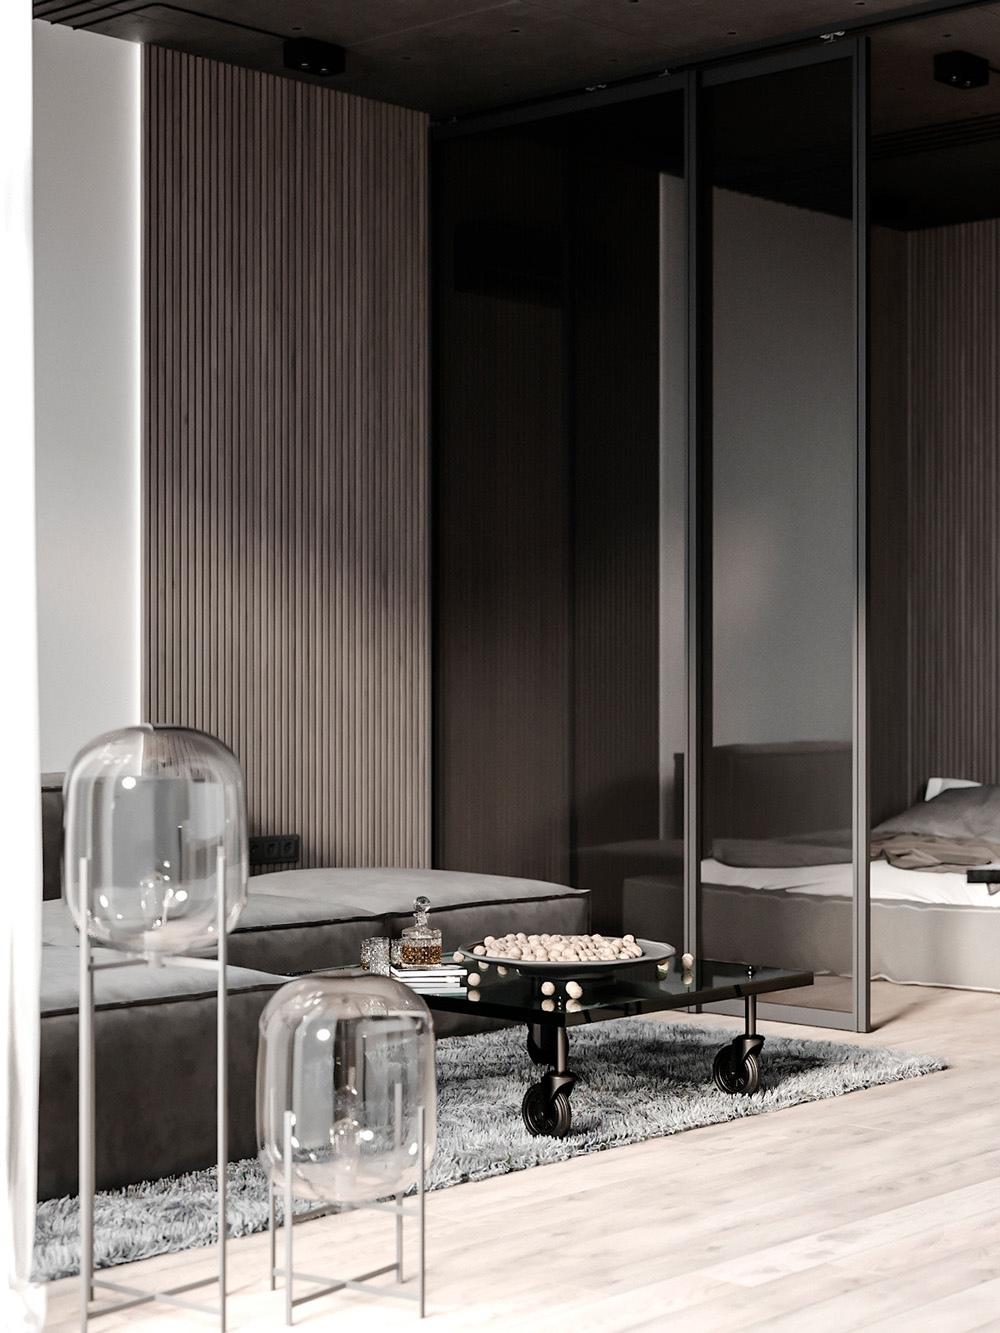 Проект комнаты в квартире-студии от дизайнера Анастасии Перчик.